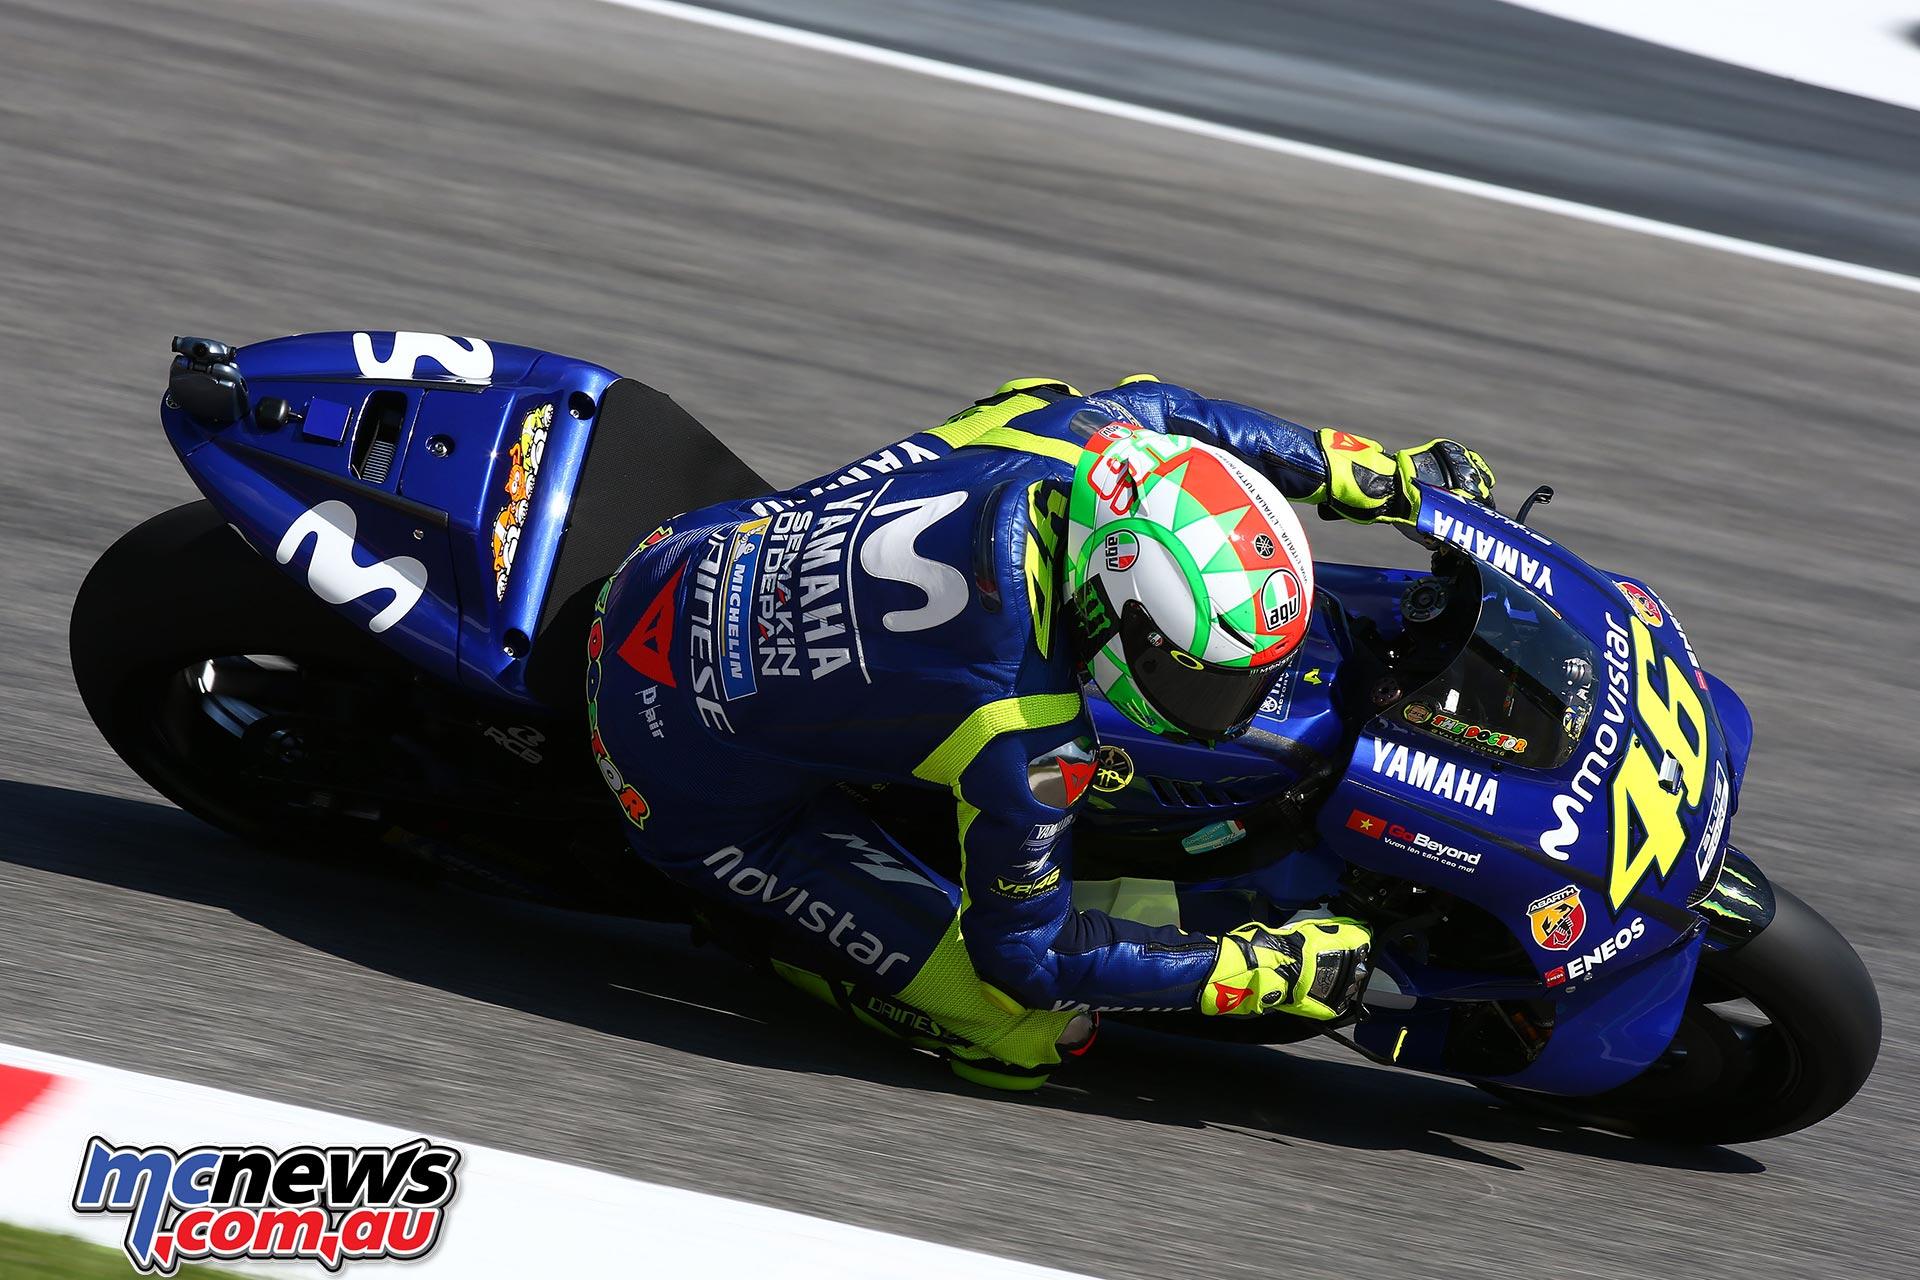 2018 Mugello MotoGP Images | Gallery B | MCNews.com.au